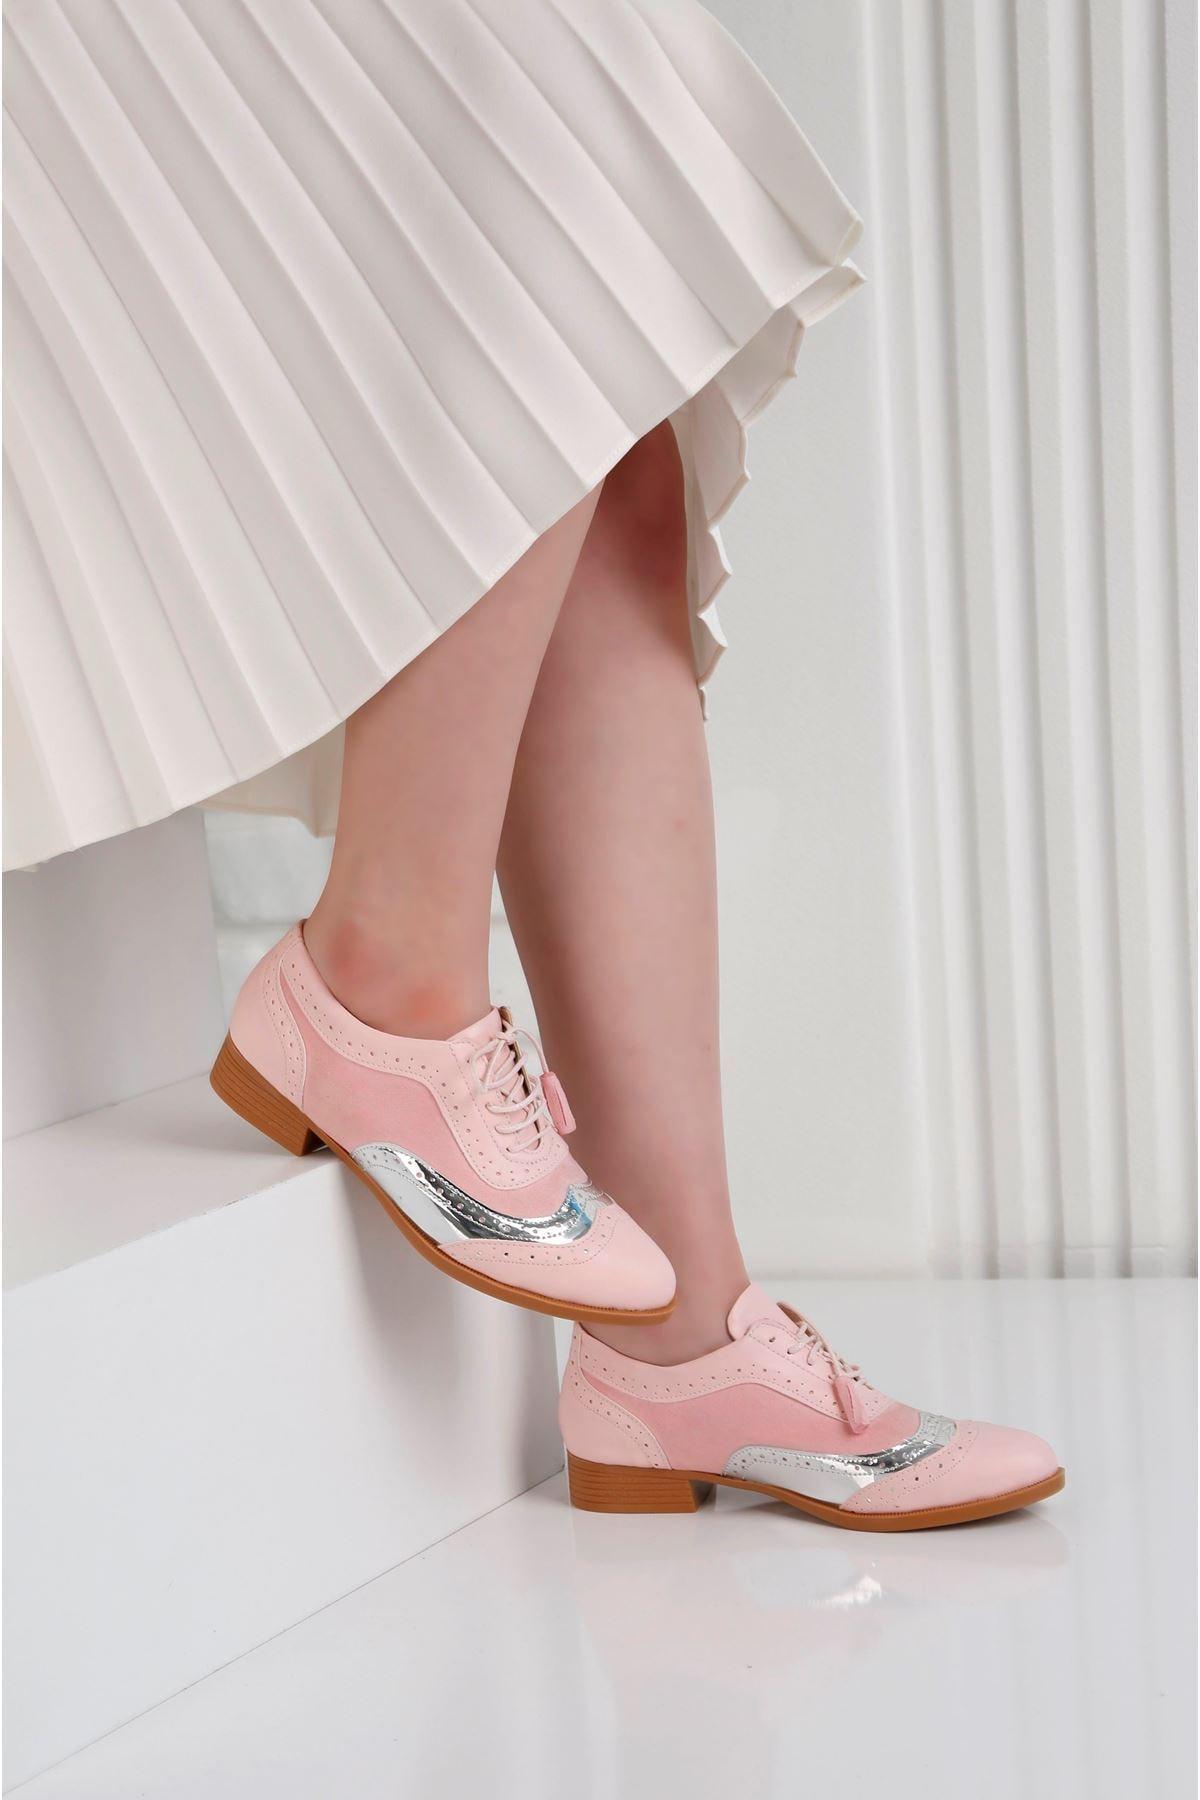 POLO PRESTIGE Kadın Pembe Oxford Günlük Ayna Detay Ayakkabı